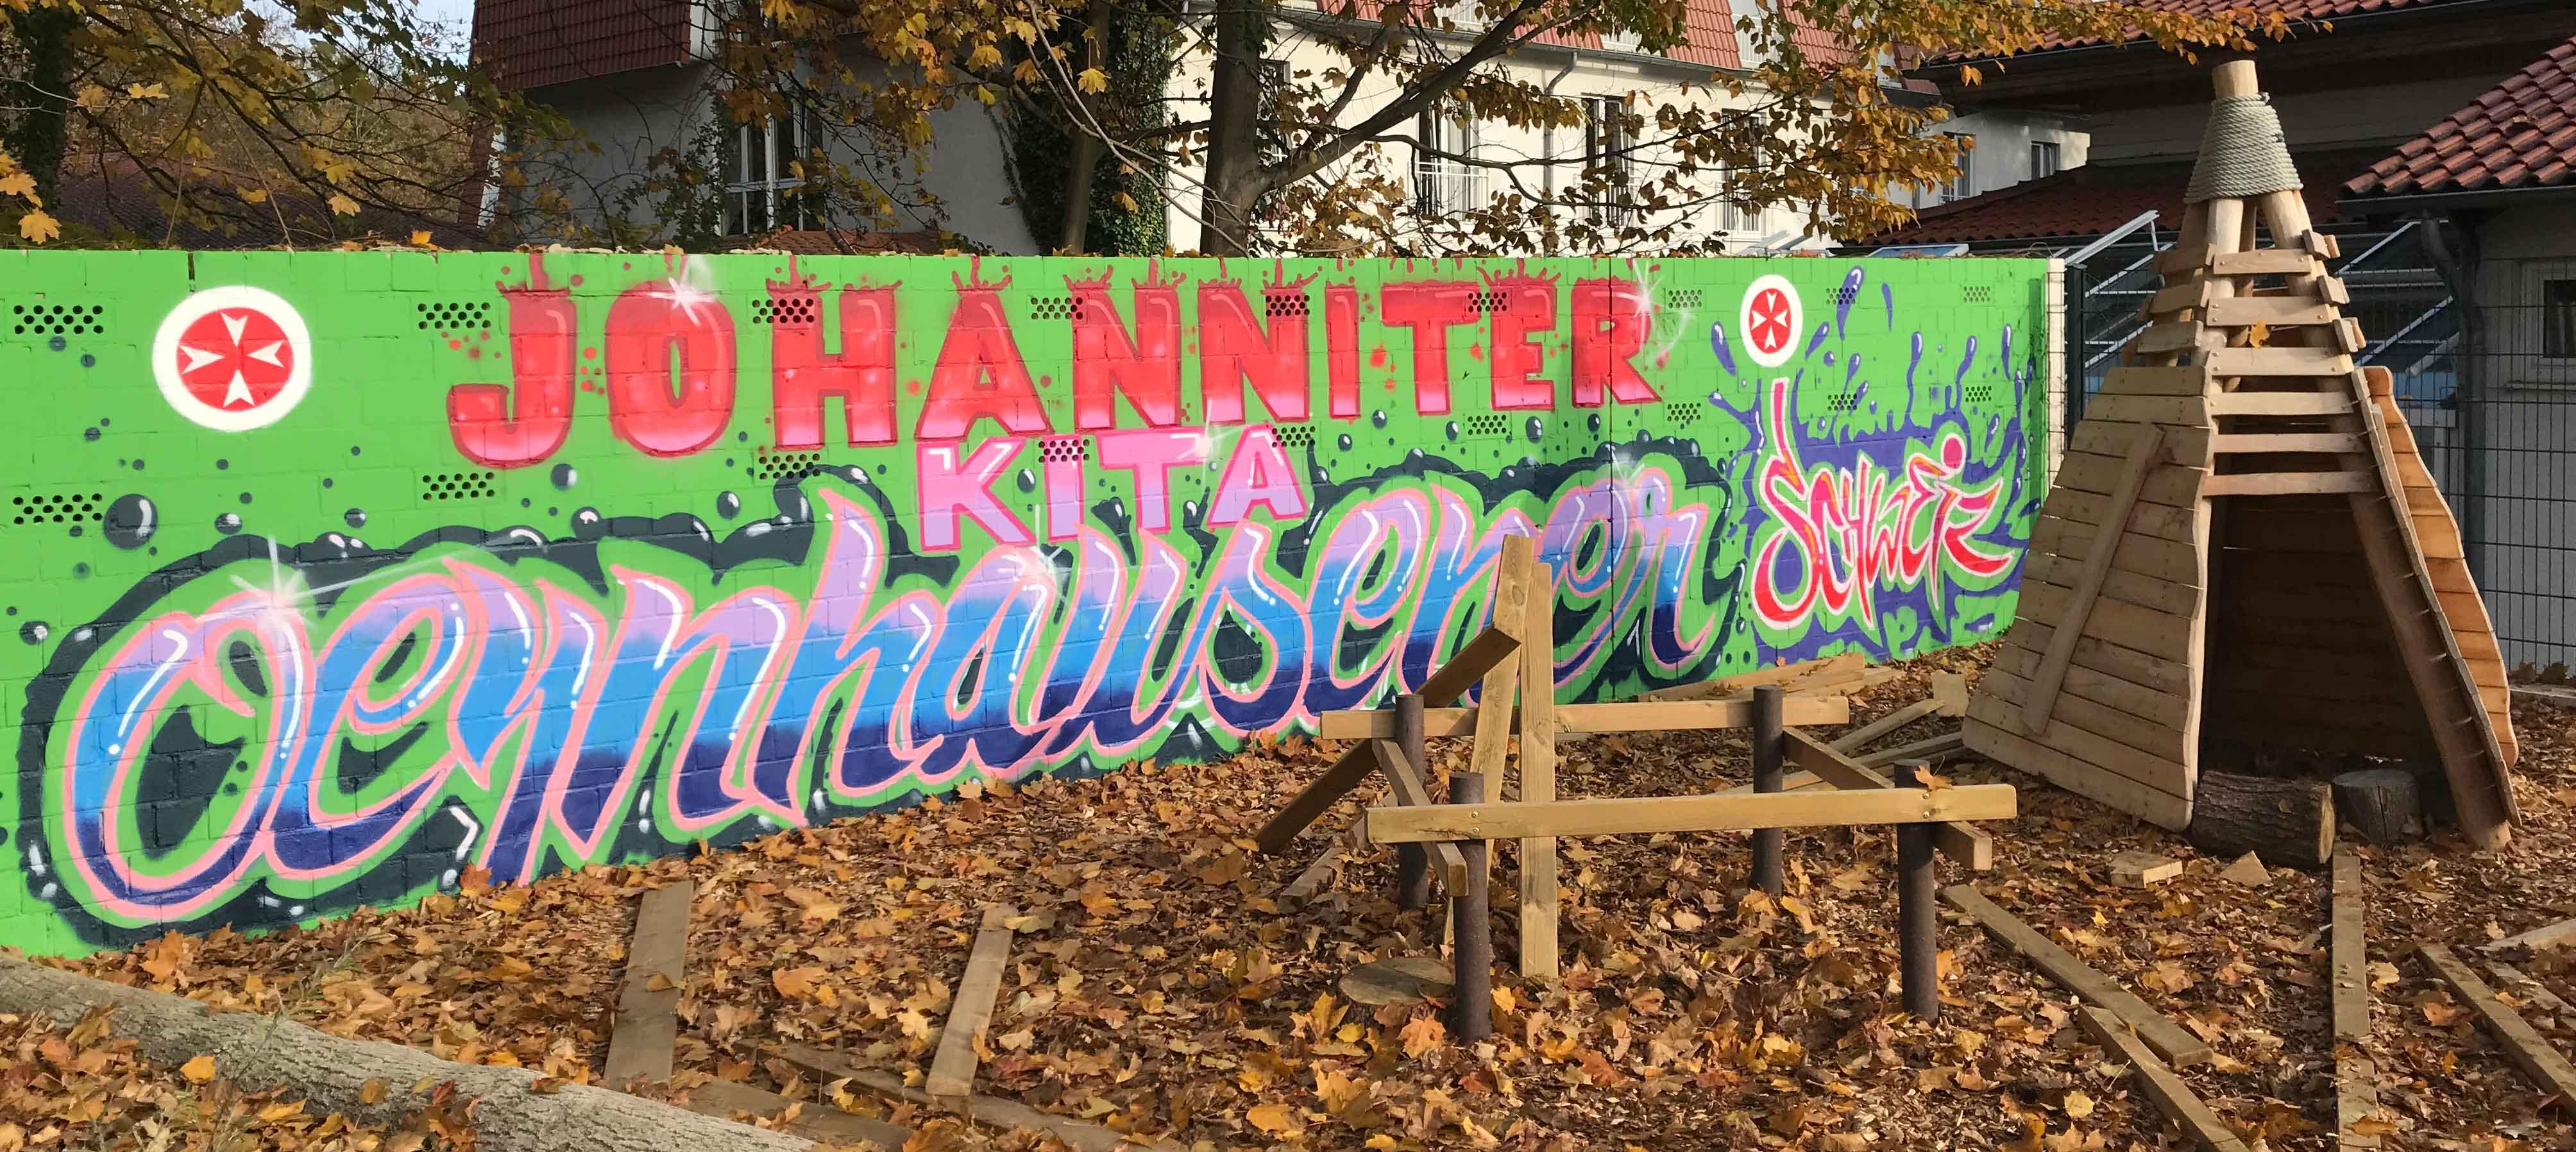 Graffiti-Wand Kita Oeynhausener Schweiz  im Außenbereich